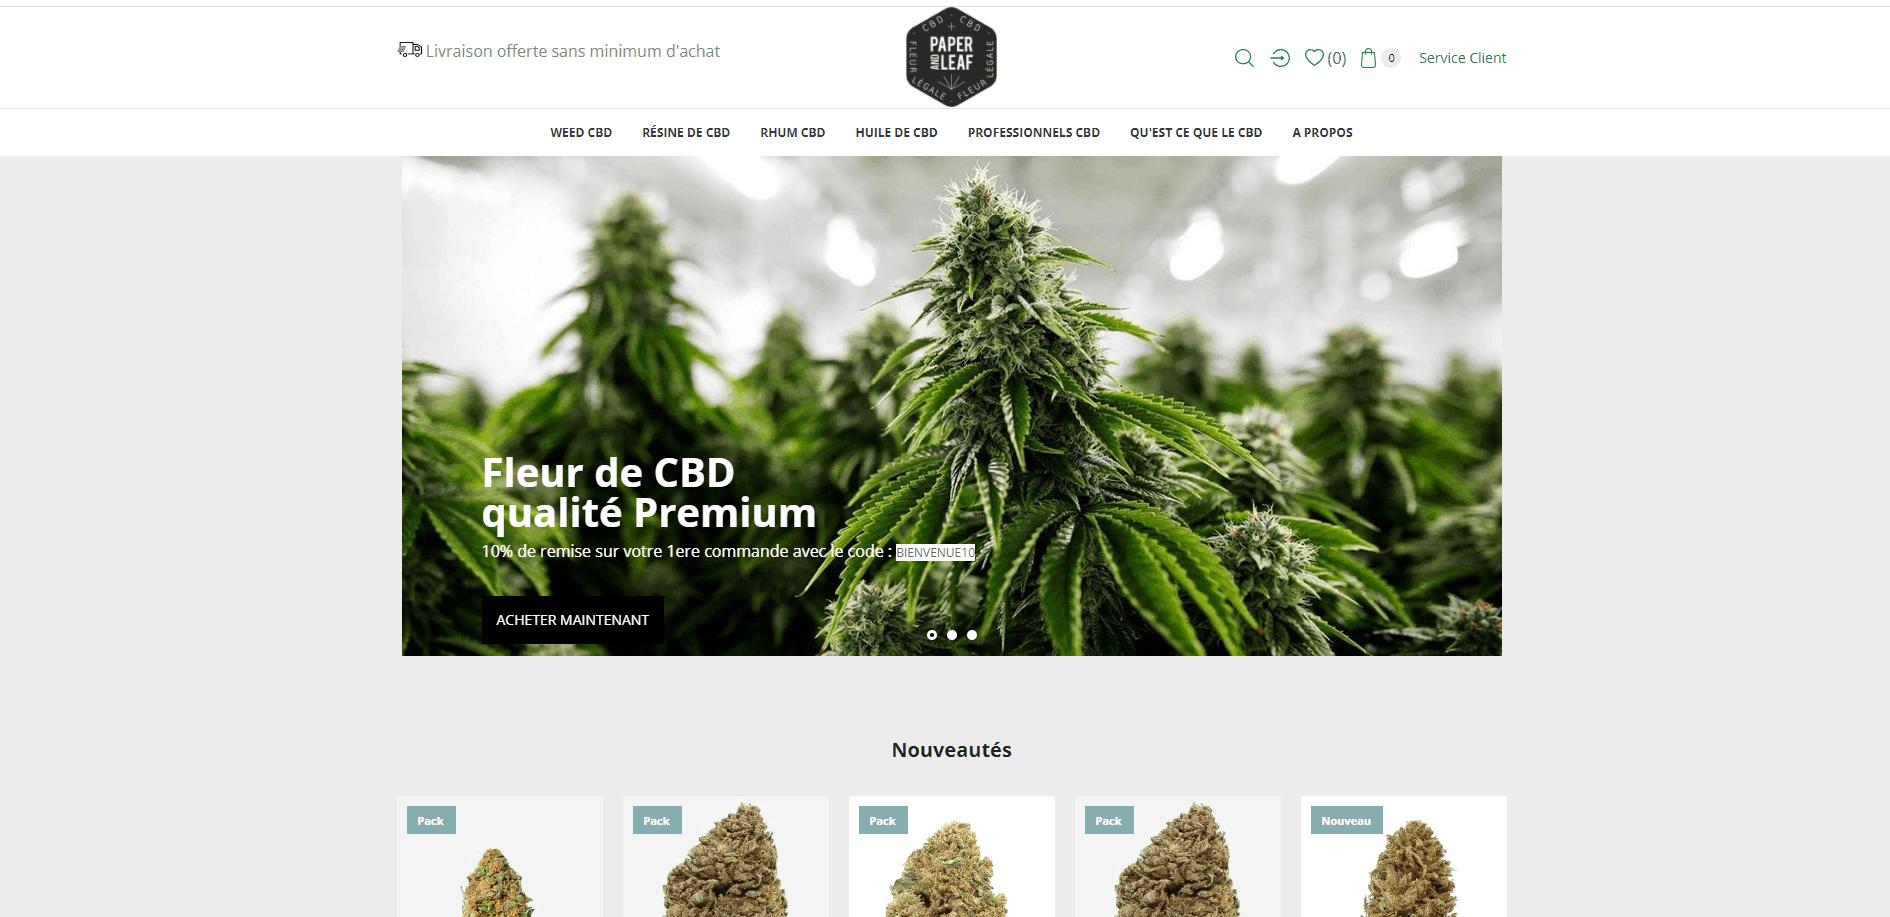 Site internet Paris Lyon - référencement naturel SEO, plants de CBD